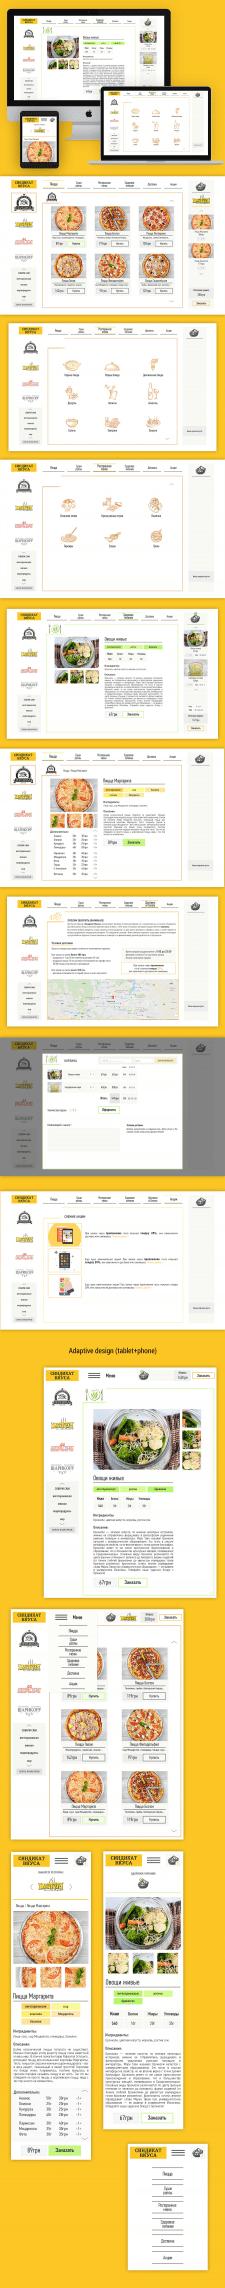 Раздел сайта: Доставка еды, десктоп+адаптив